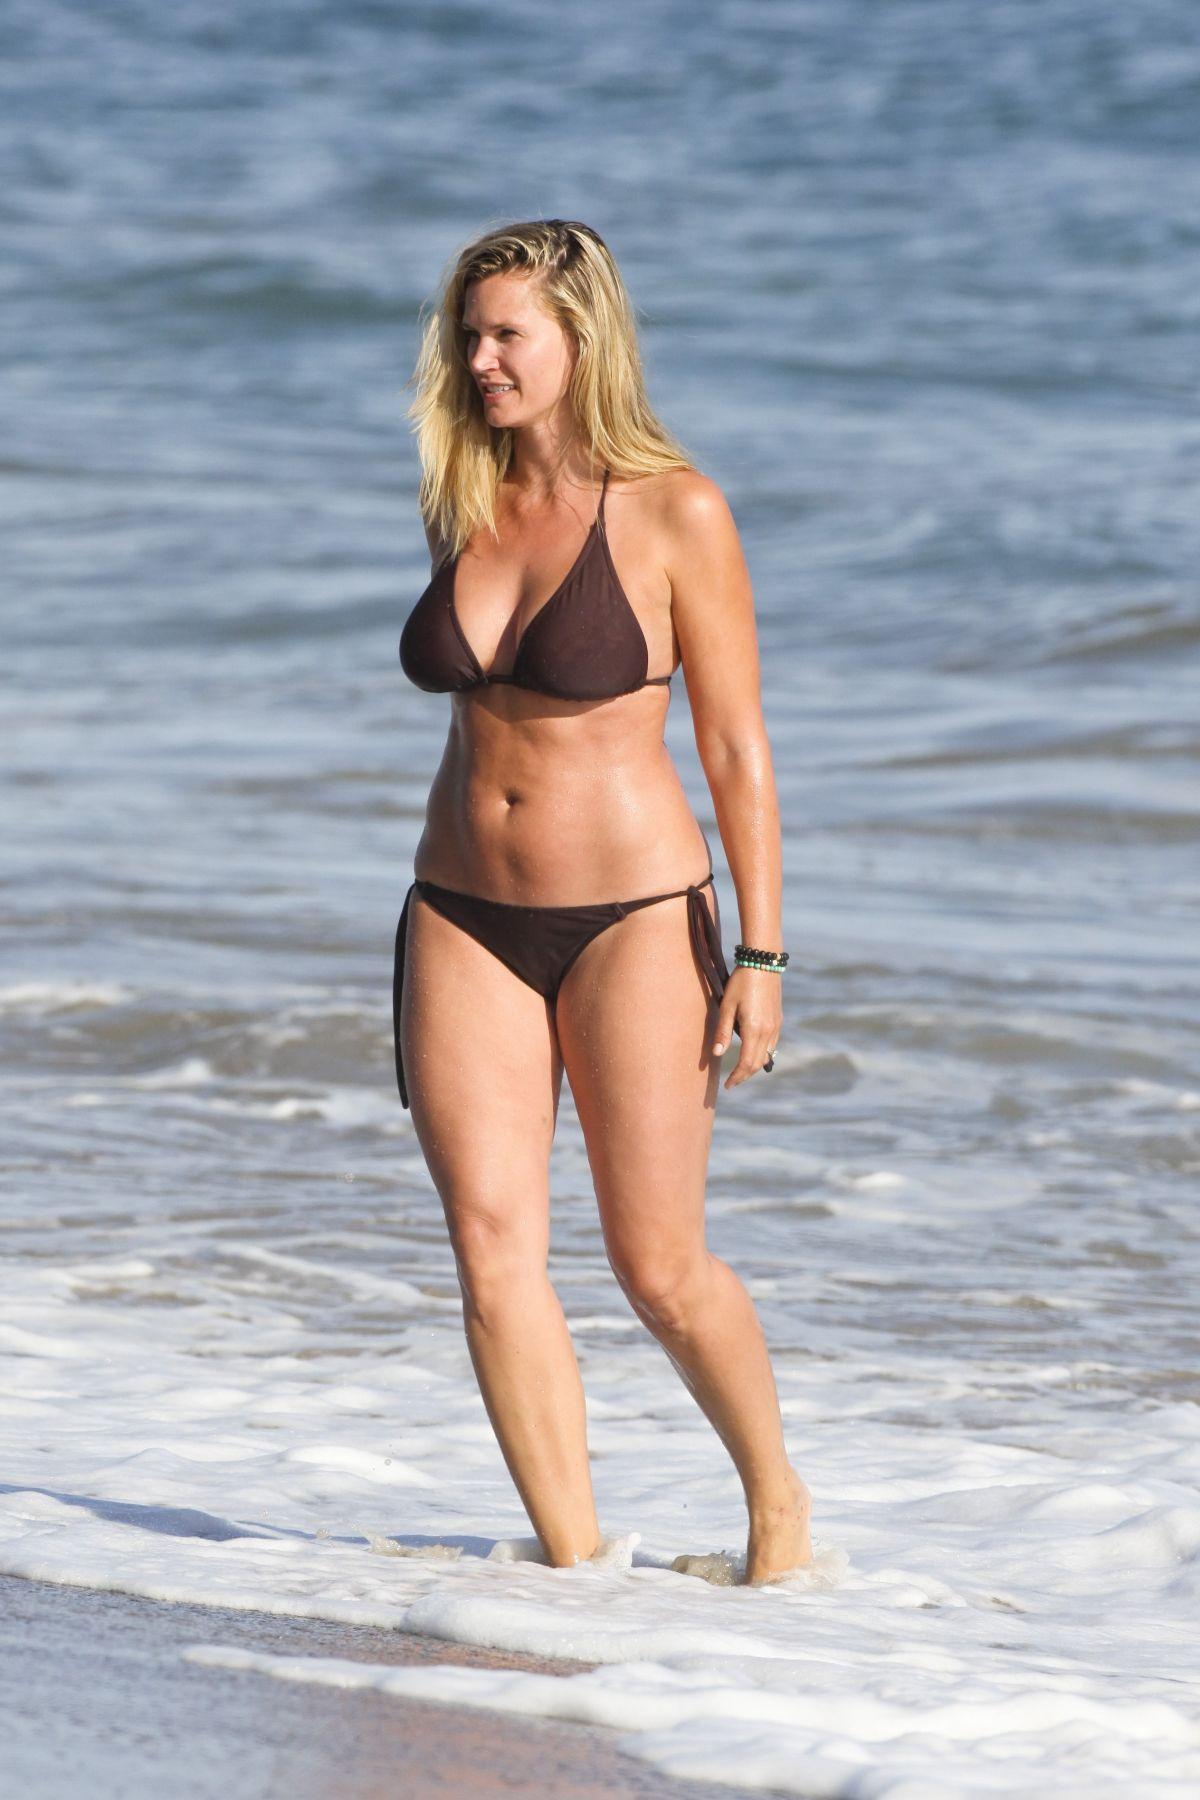 Best from the Past - NATASHA HENSTRIDGE in Bikini at a Beach in Malibu 08/04/2009